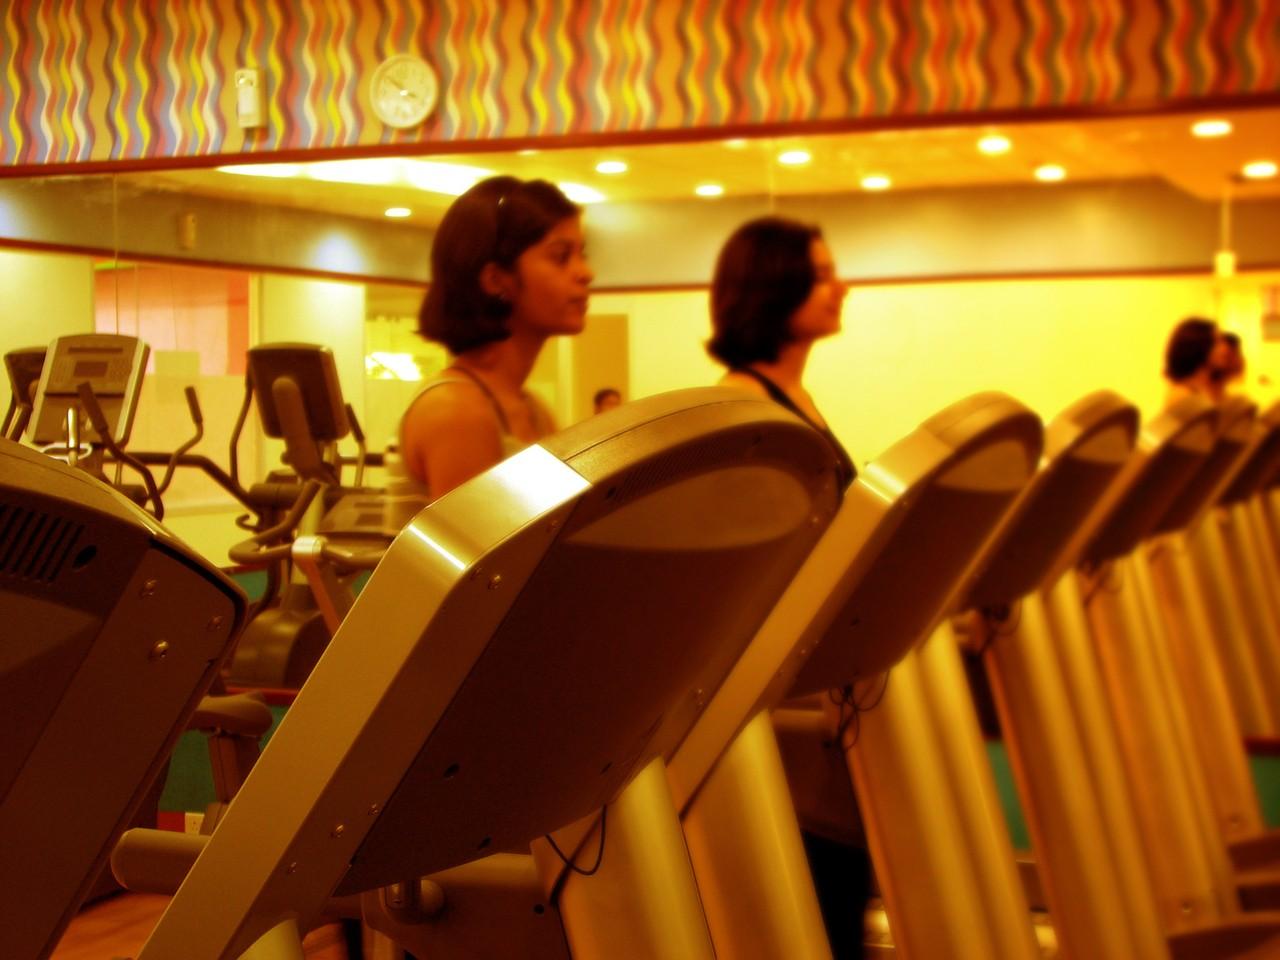 Jakie akcesoria sportowe na siłownię? O czym pamiętać?